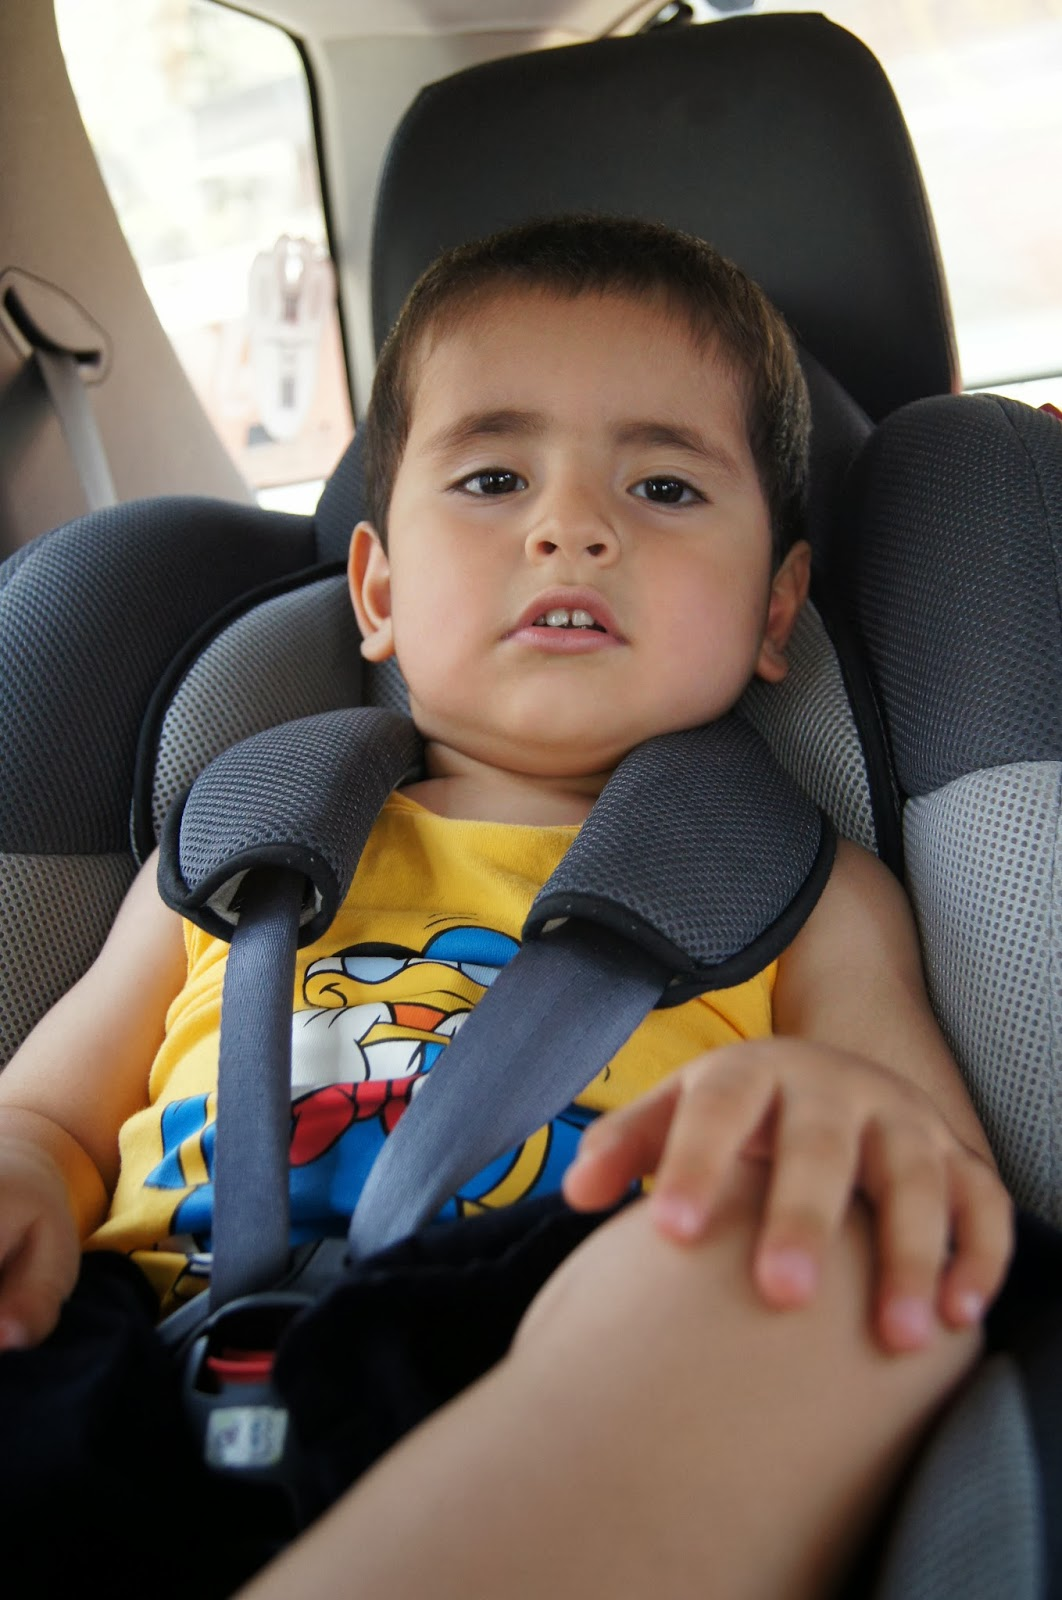 El cintur n de seguridad para ni os y embarazadas la for Silla de seguridad para bebes